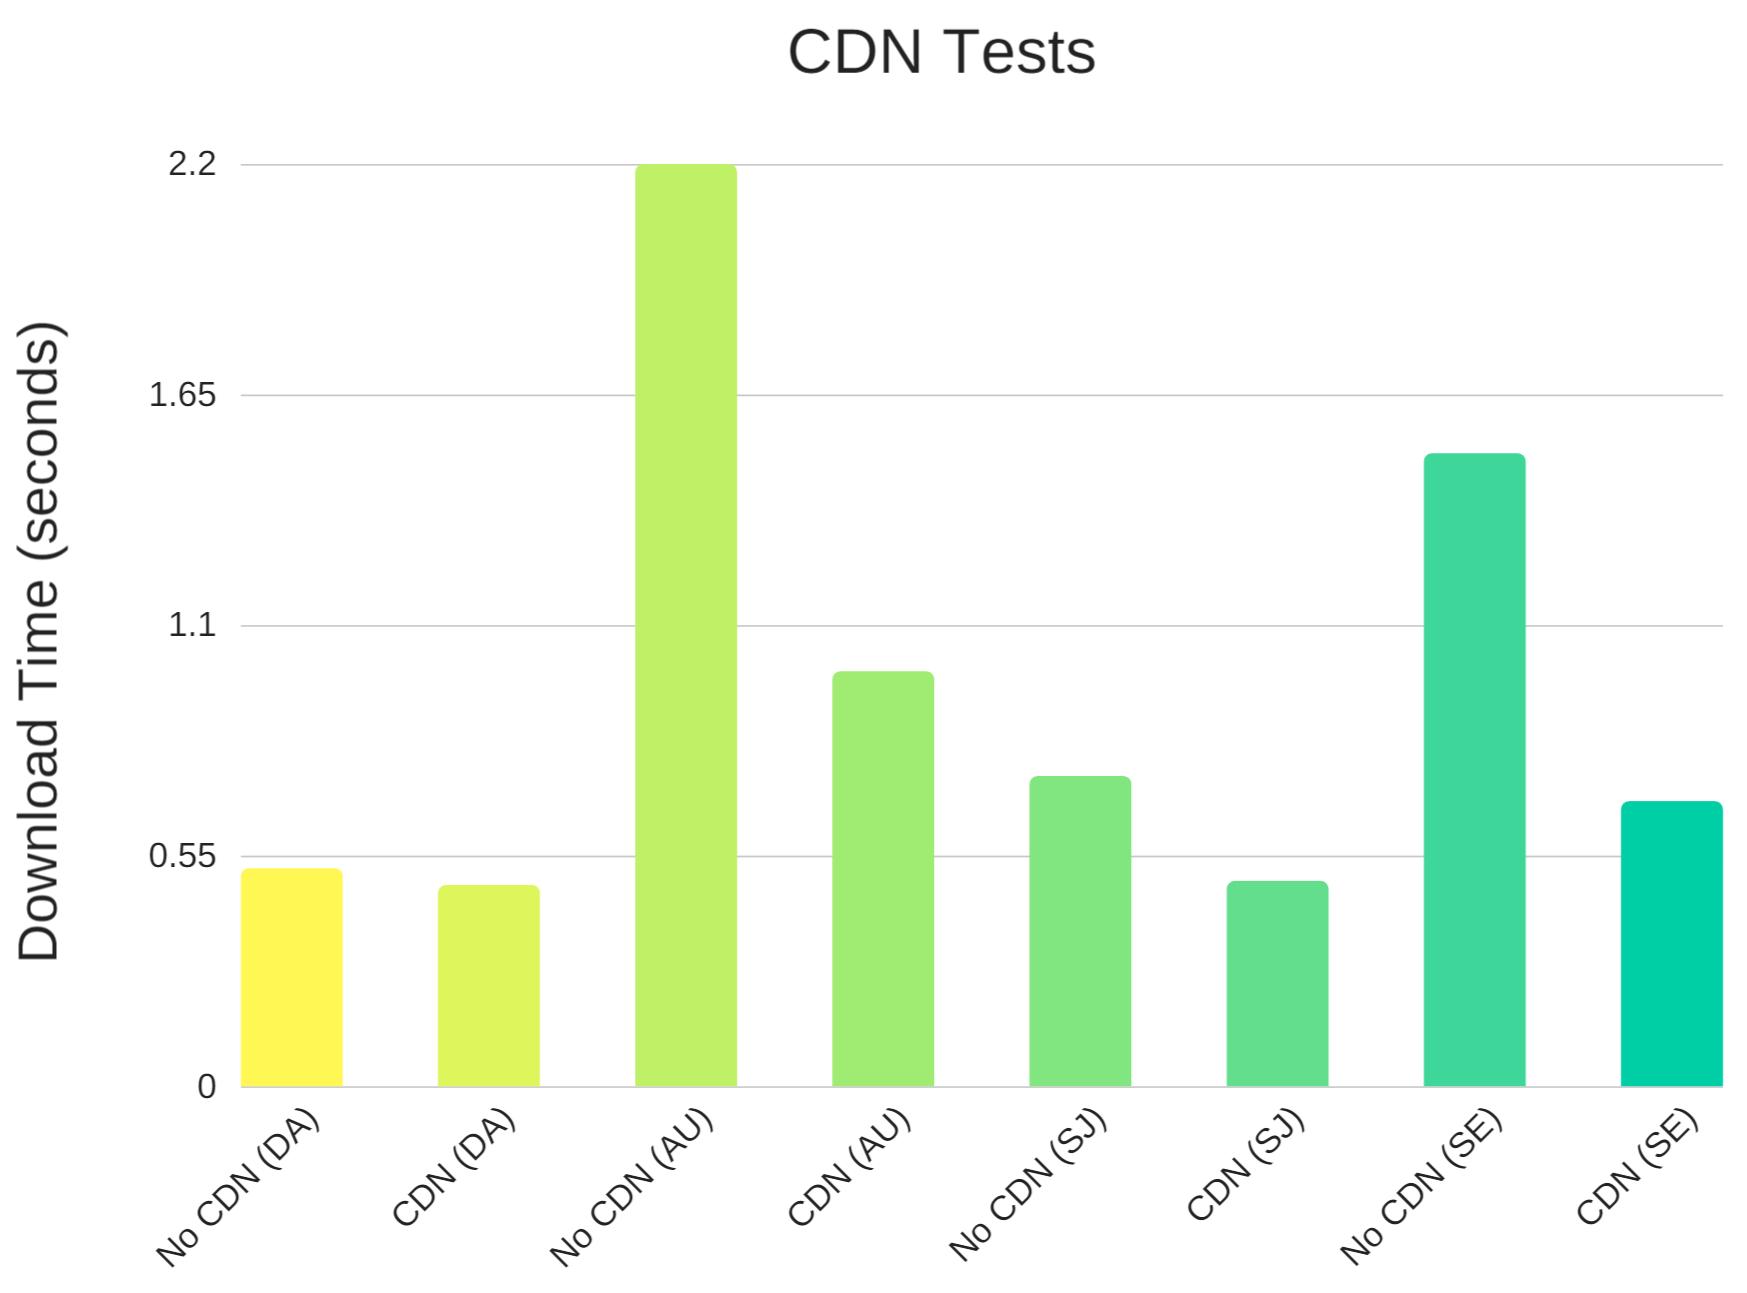 نتیجه استفاده از CDN